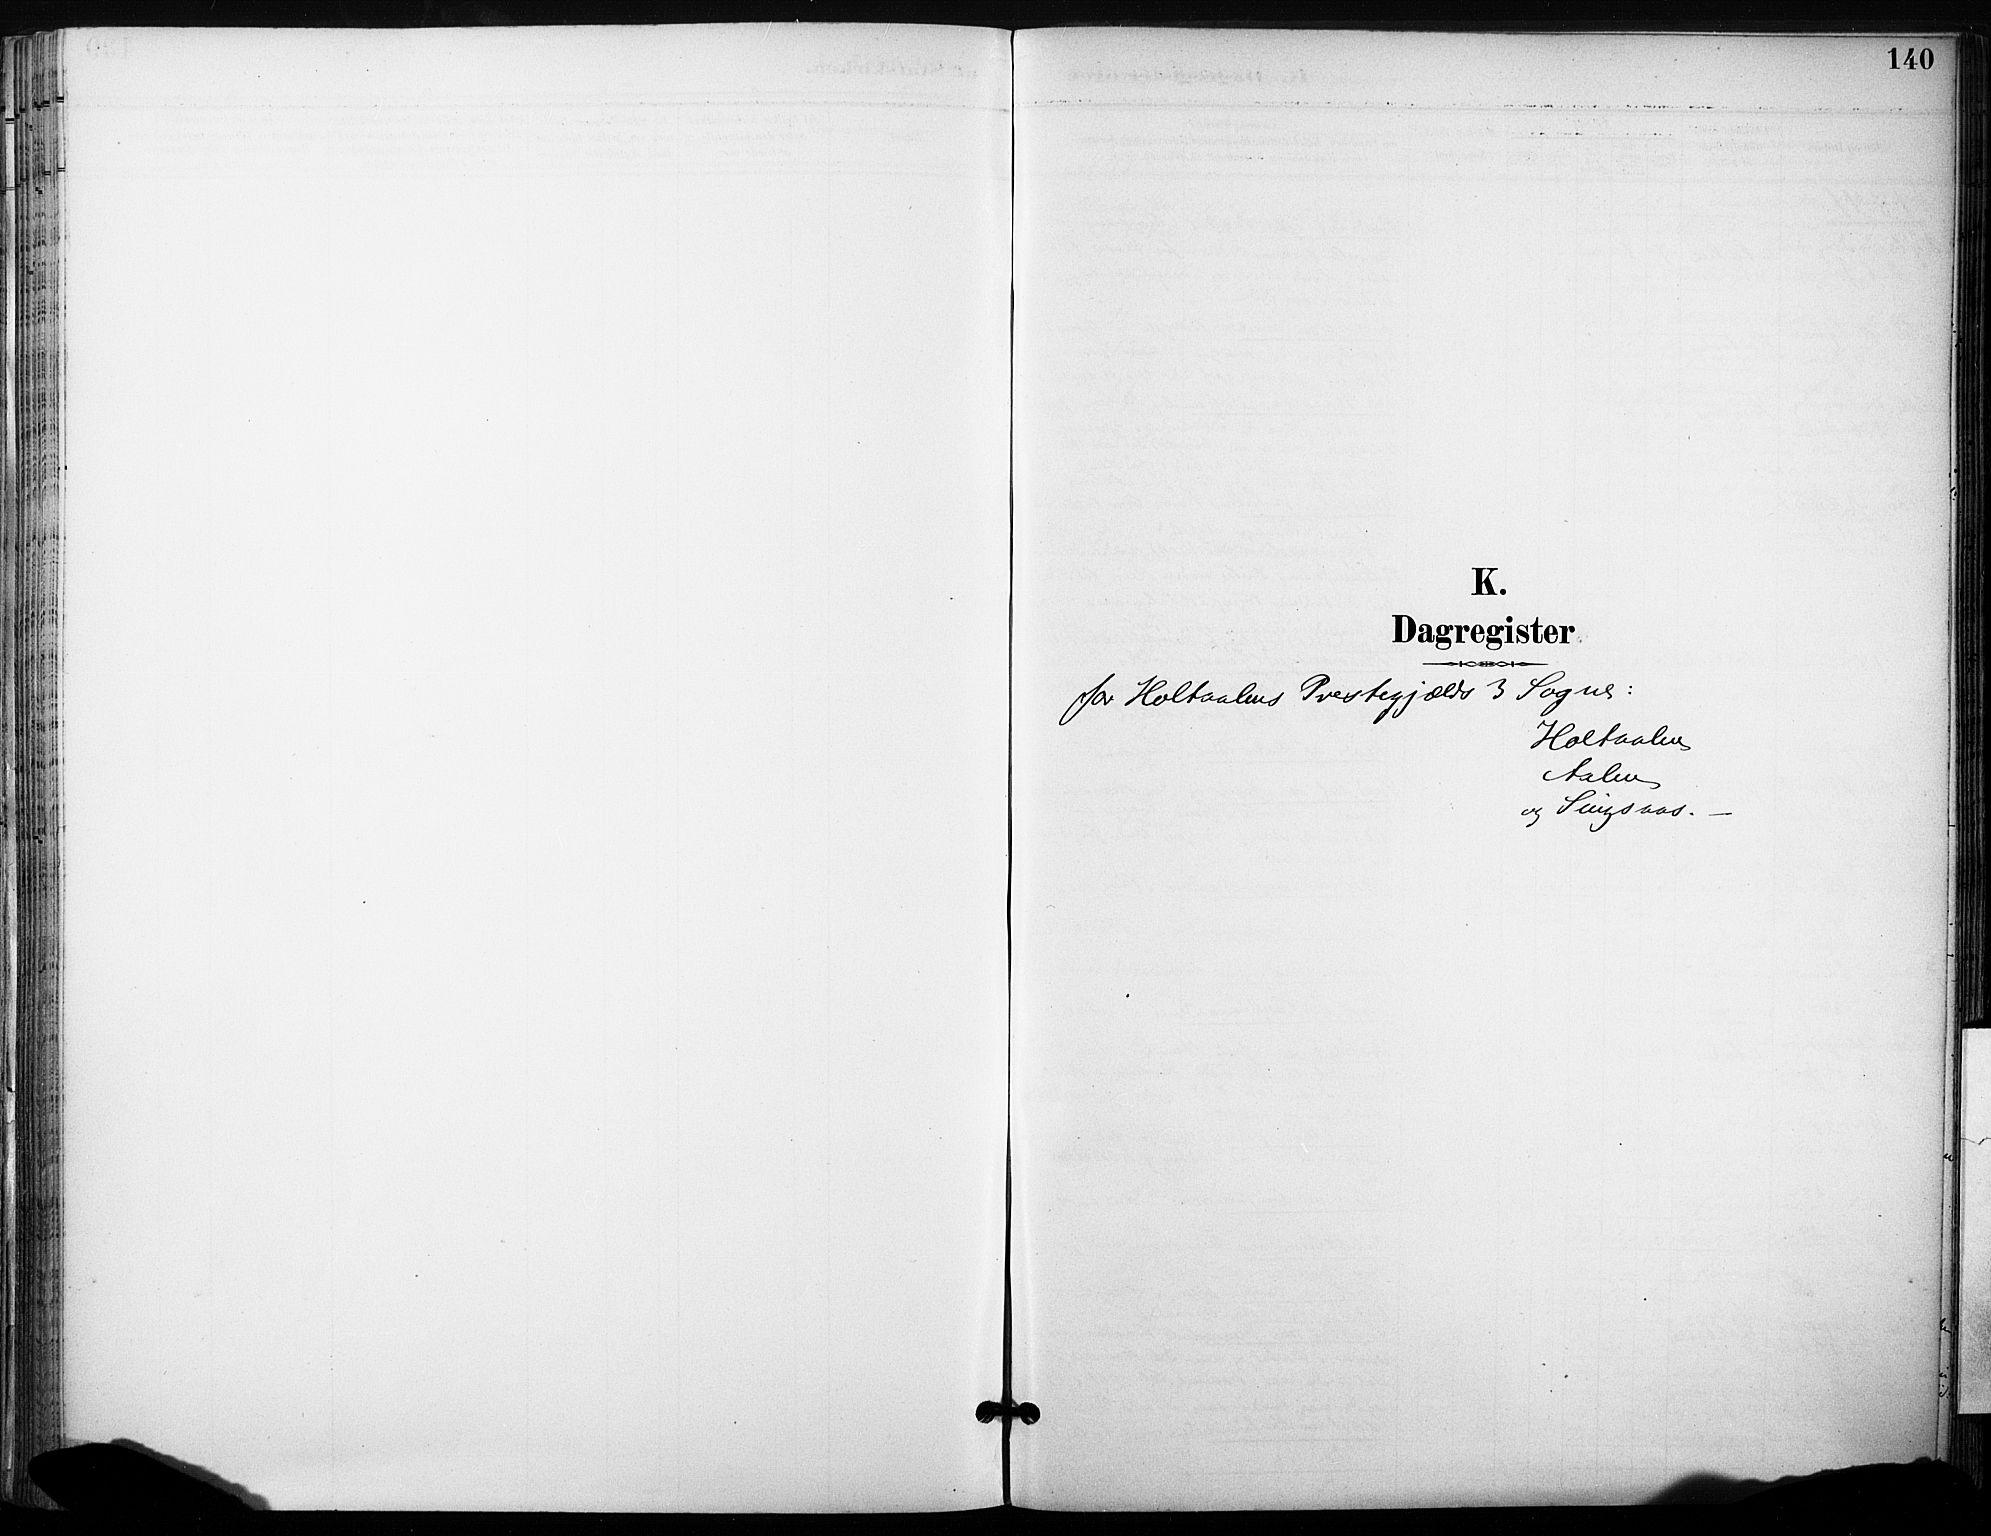 SAT, Ministerialprotokoller, klokkerbøker og fødselsregistre - Sør-Trøndelag, 685/L0973: Ministerialbok nr. 685A10, 1891-1907, s. 140